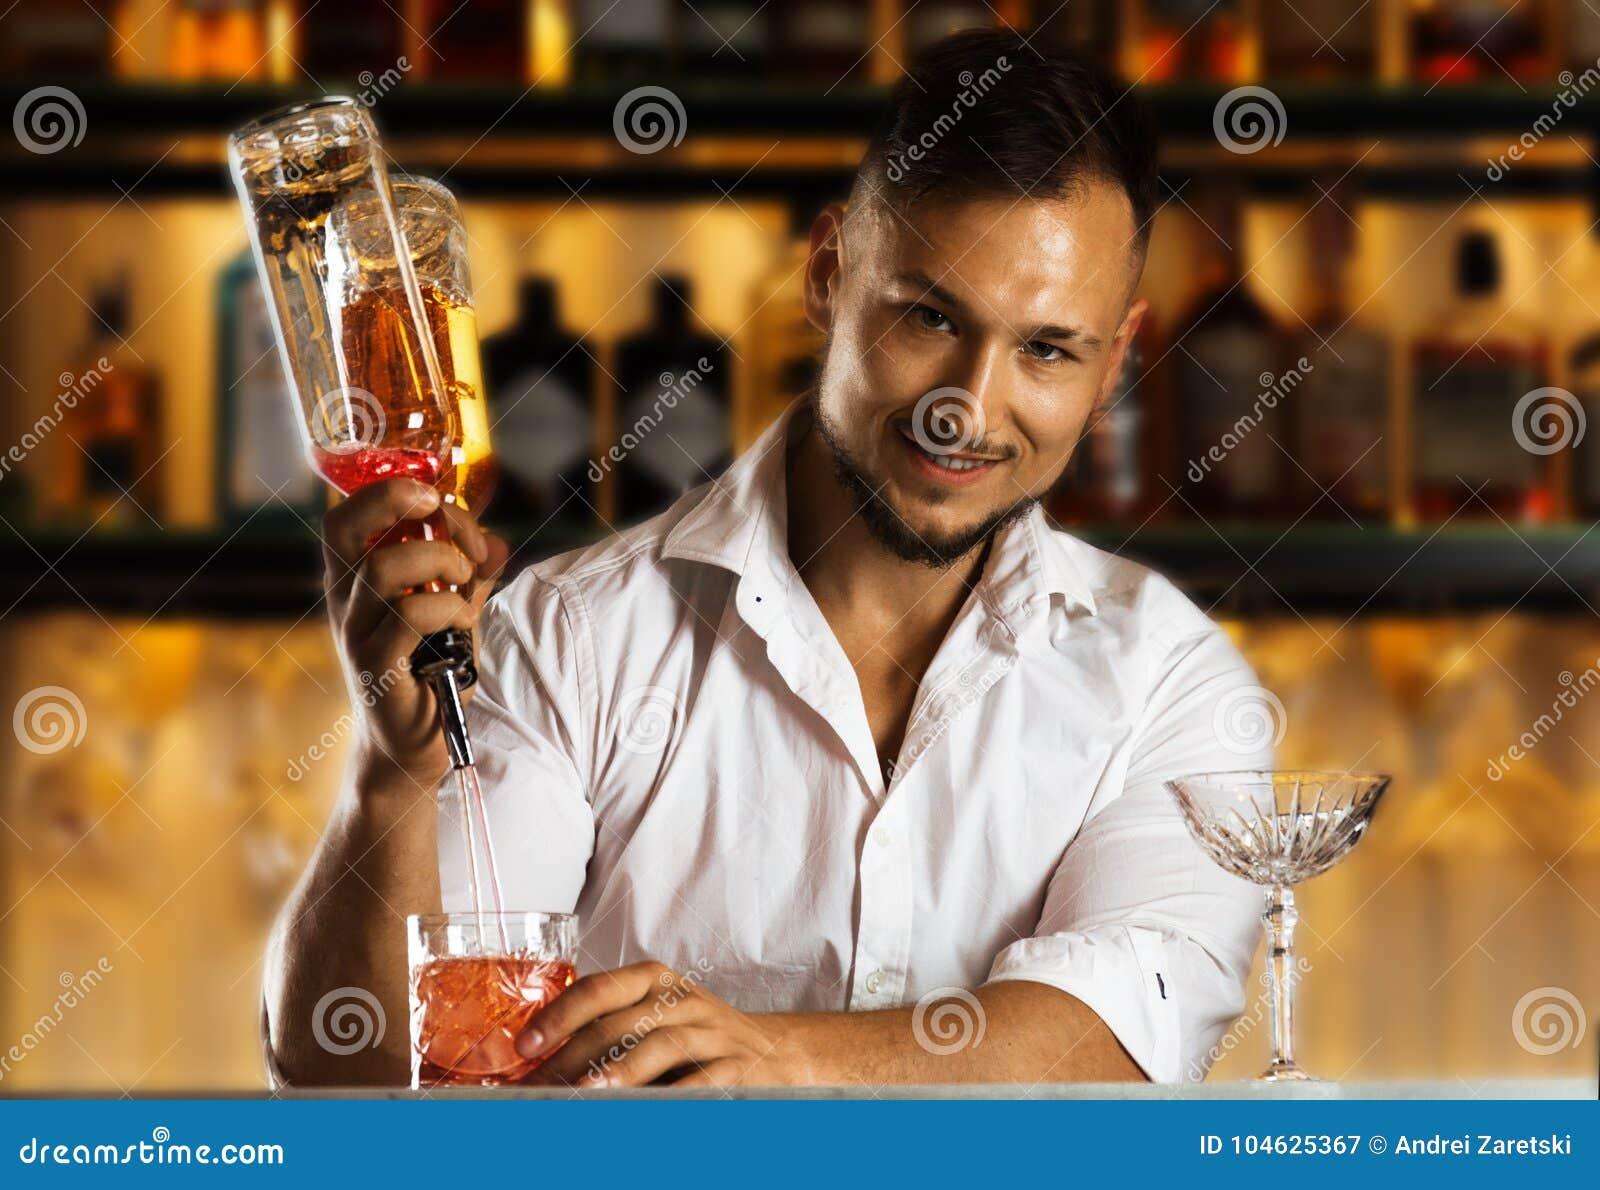 Download Bereidt De Insanely Sexy Jonge Mens Gemengde Dranken Voor Zijn Gasten Voor Stock Afbeelding - Afbeelding bestaande uit mensen, mannetje: 104625367